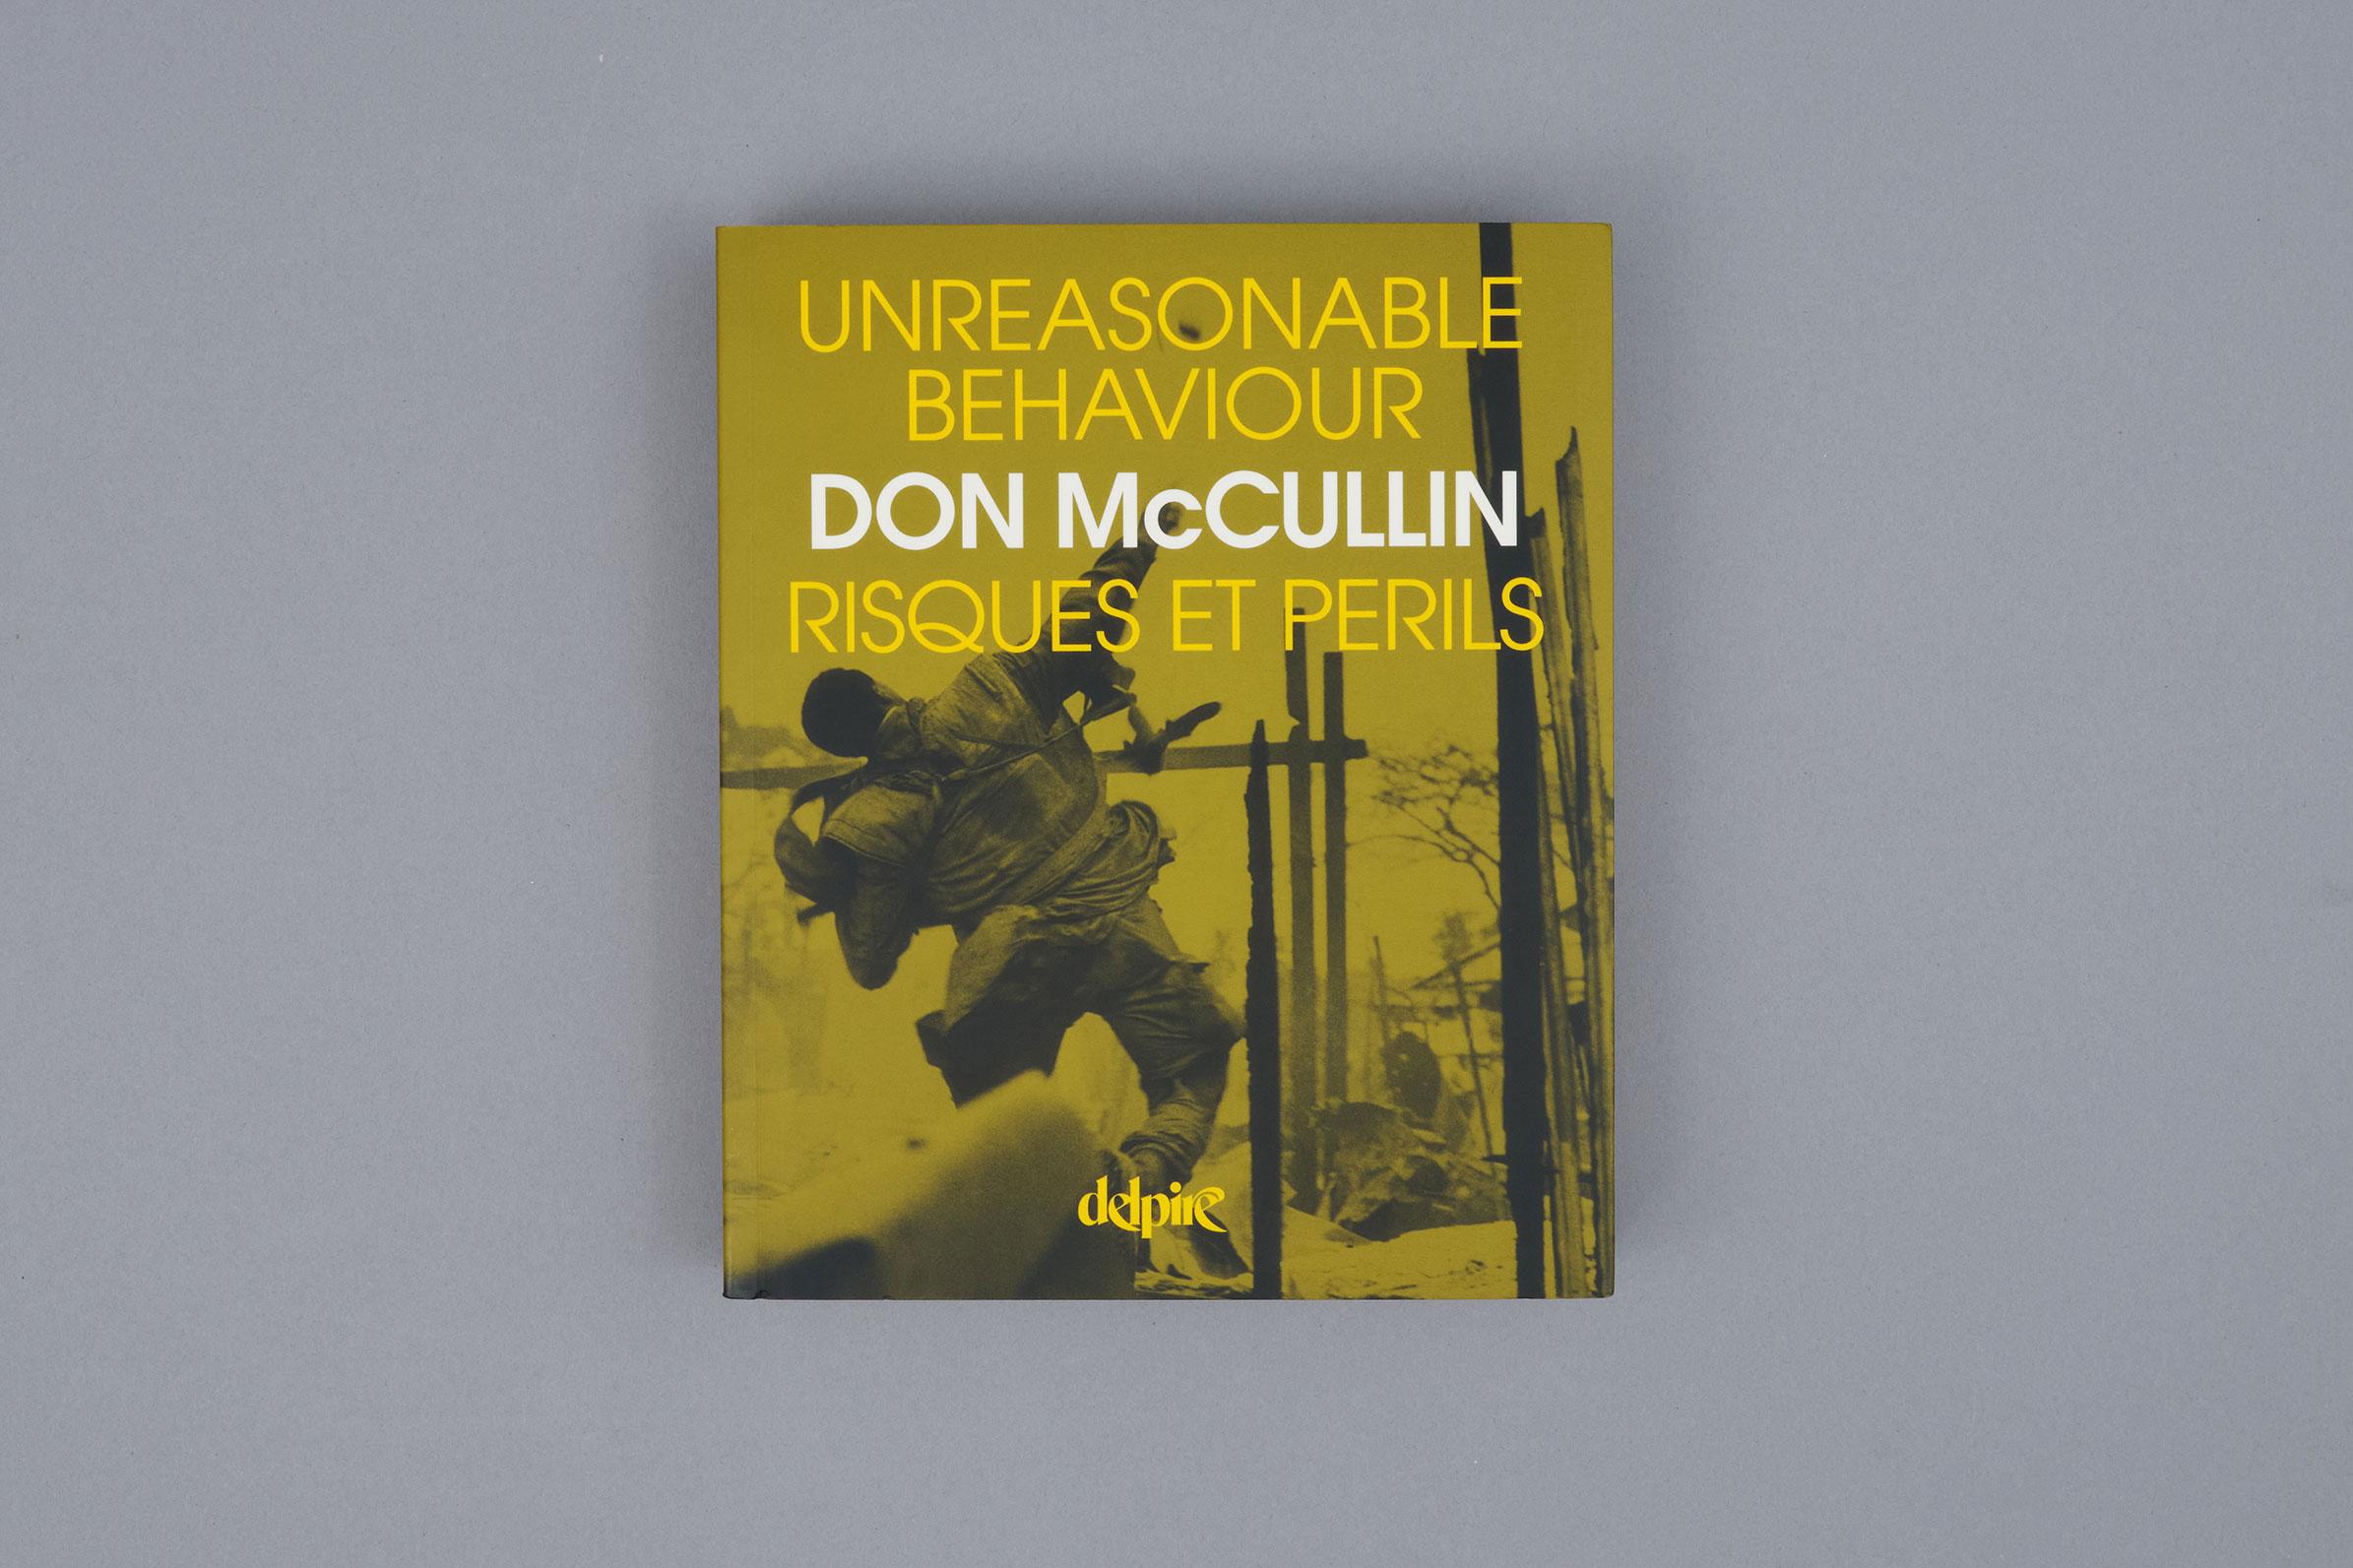 mccullin-delpire-behaviour-1